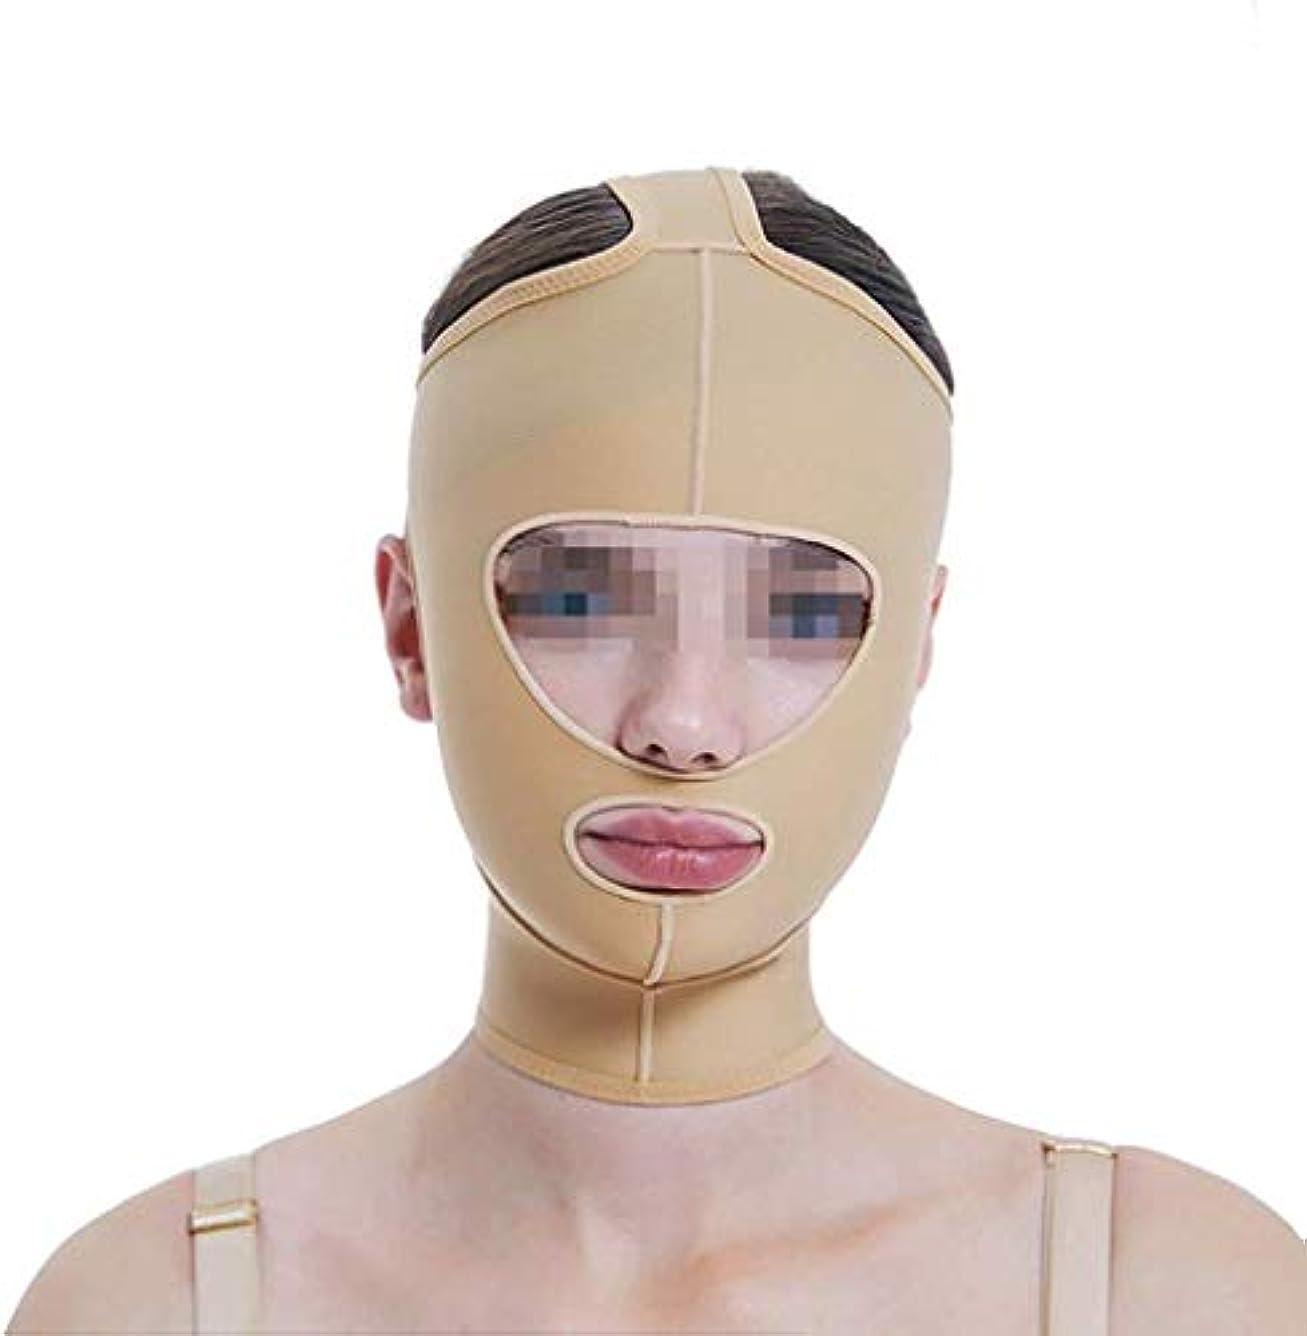 予見する開始うるさい美容と実用的なフェイスリフトマスク、ラインカービングフェイスエラスティックセットシンダブルチンVフェイスビームフェイスマルチサイズオプション(サイズ:M)